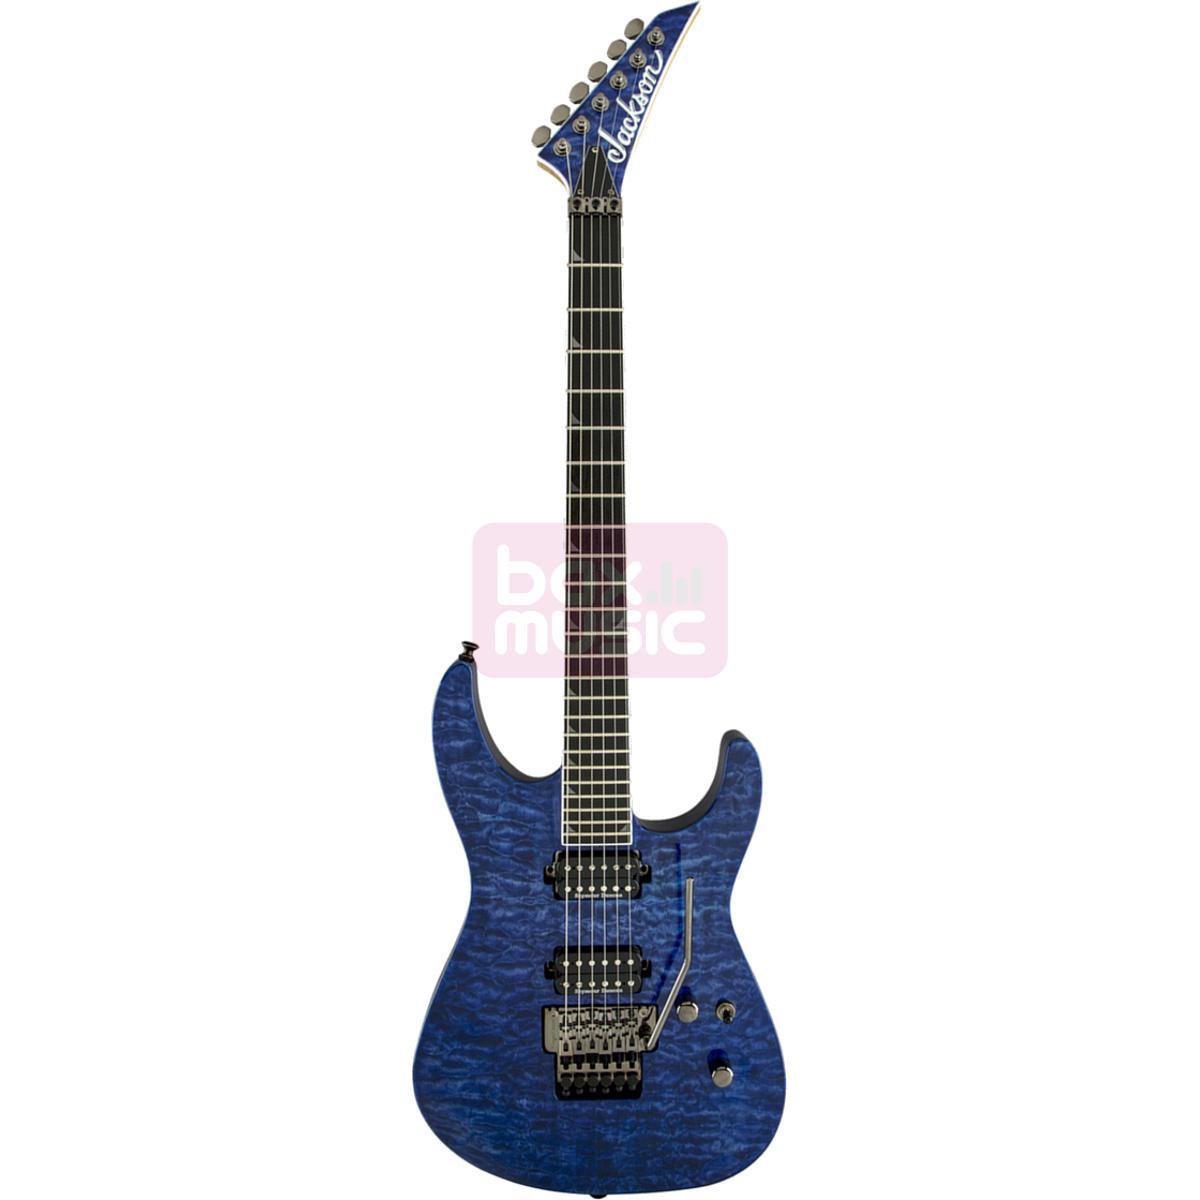 Jackson Pro Soloist SL2Q Trans Blue